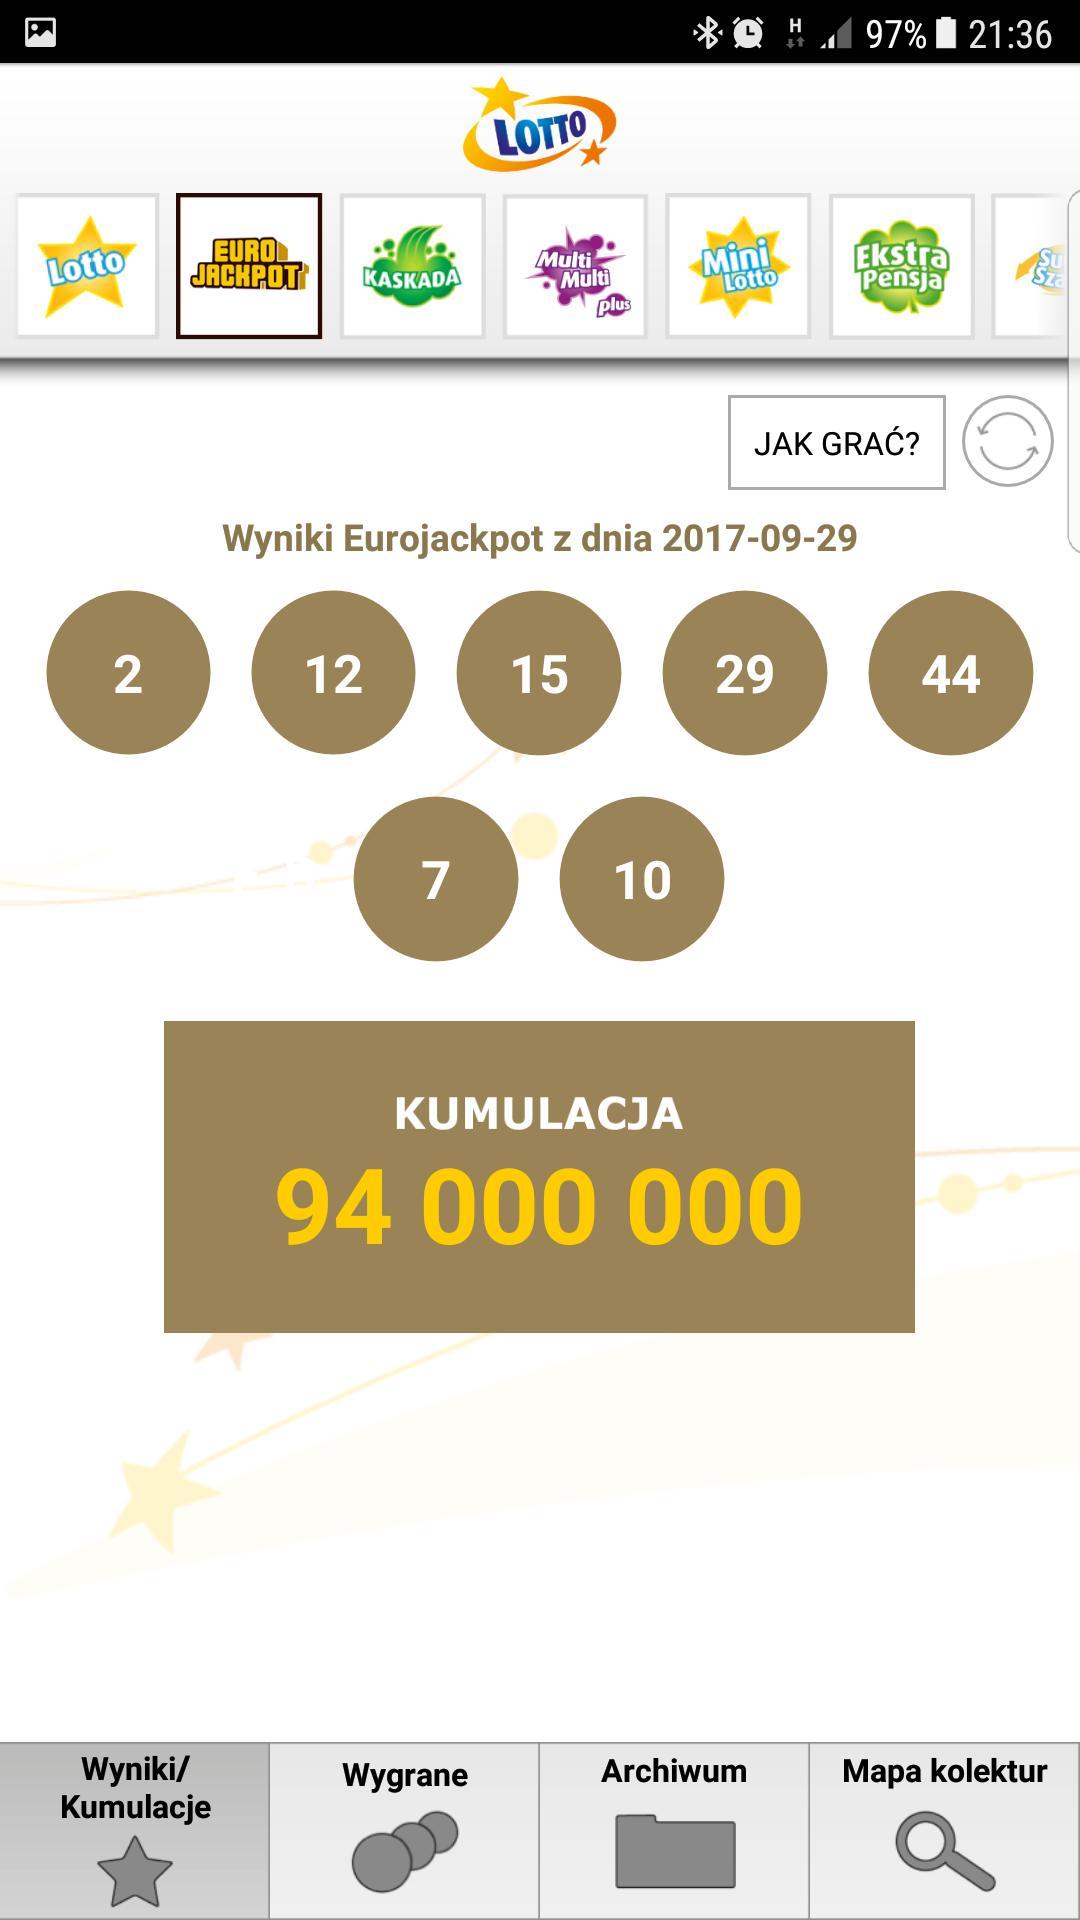 Lotto áustria (loteria 6 Fora 45) online - como participar da Rússia + cadastro | mundo da loteria